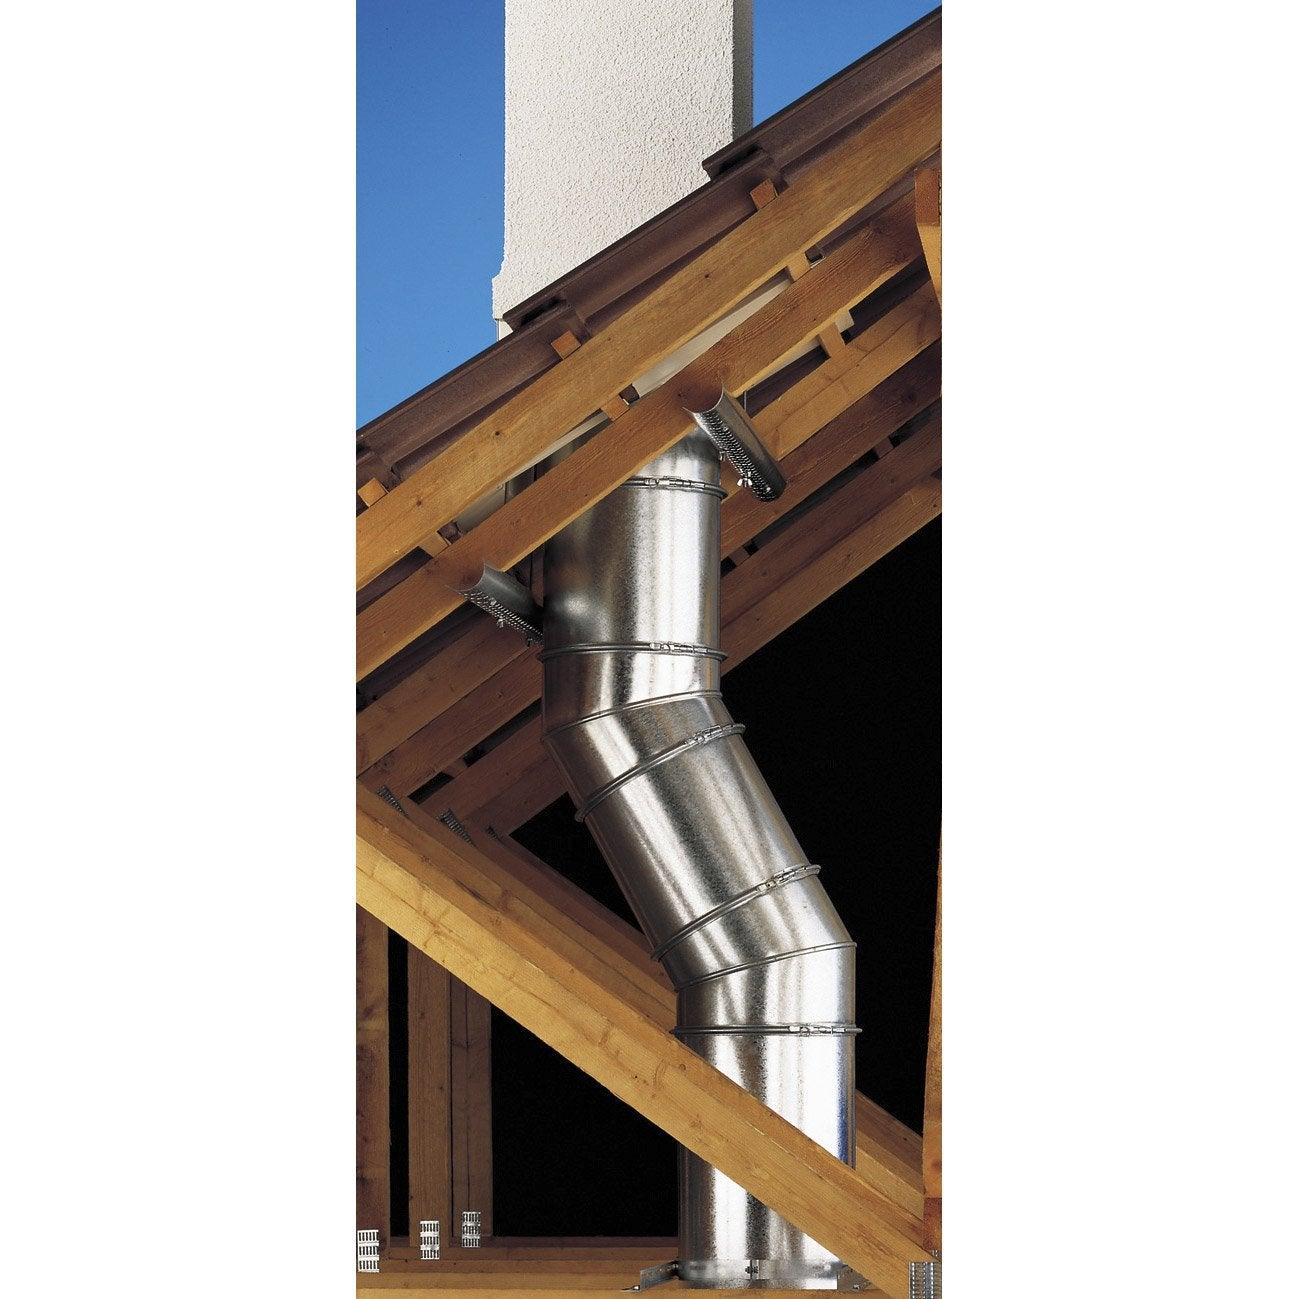 Coude pour conduit double paroi poujoulat d230 mm 45 ep for Conduit de cheminee inox